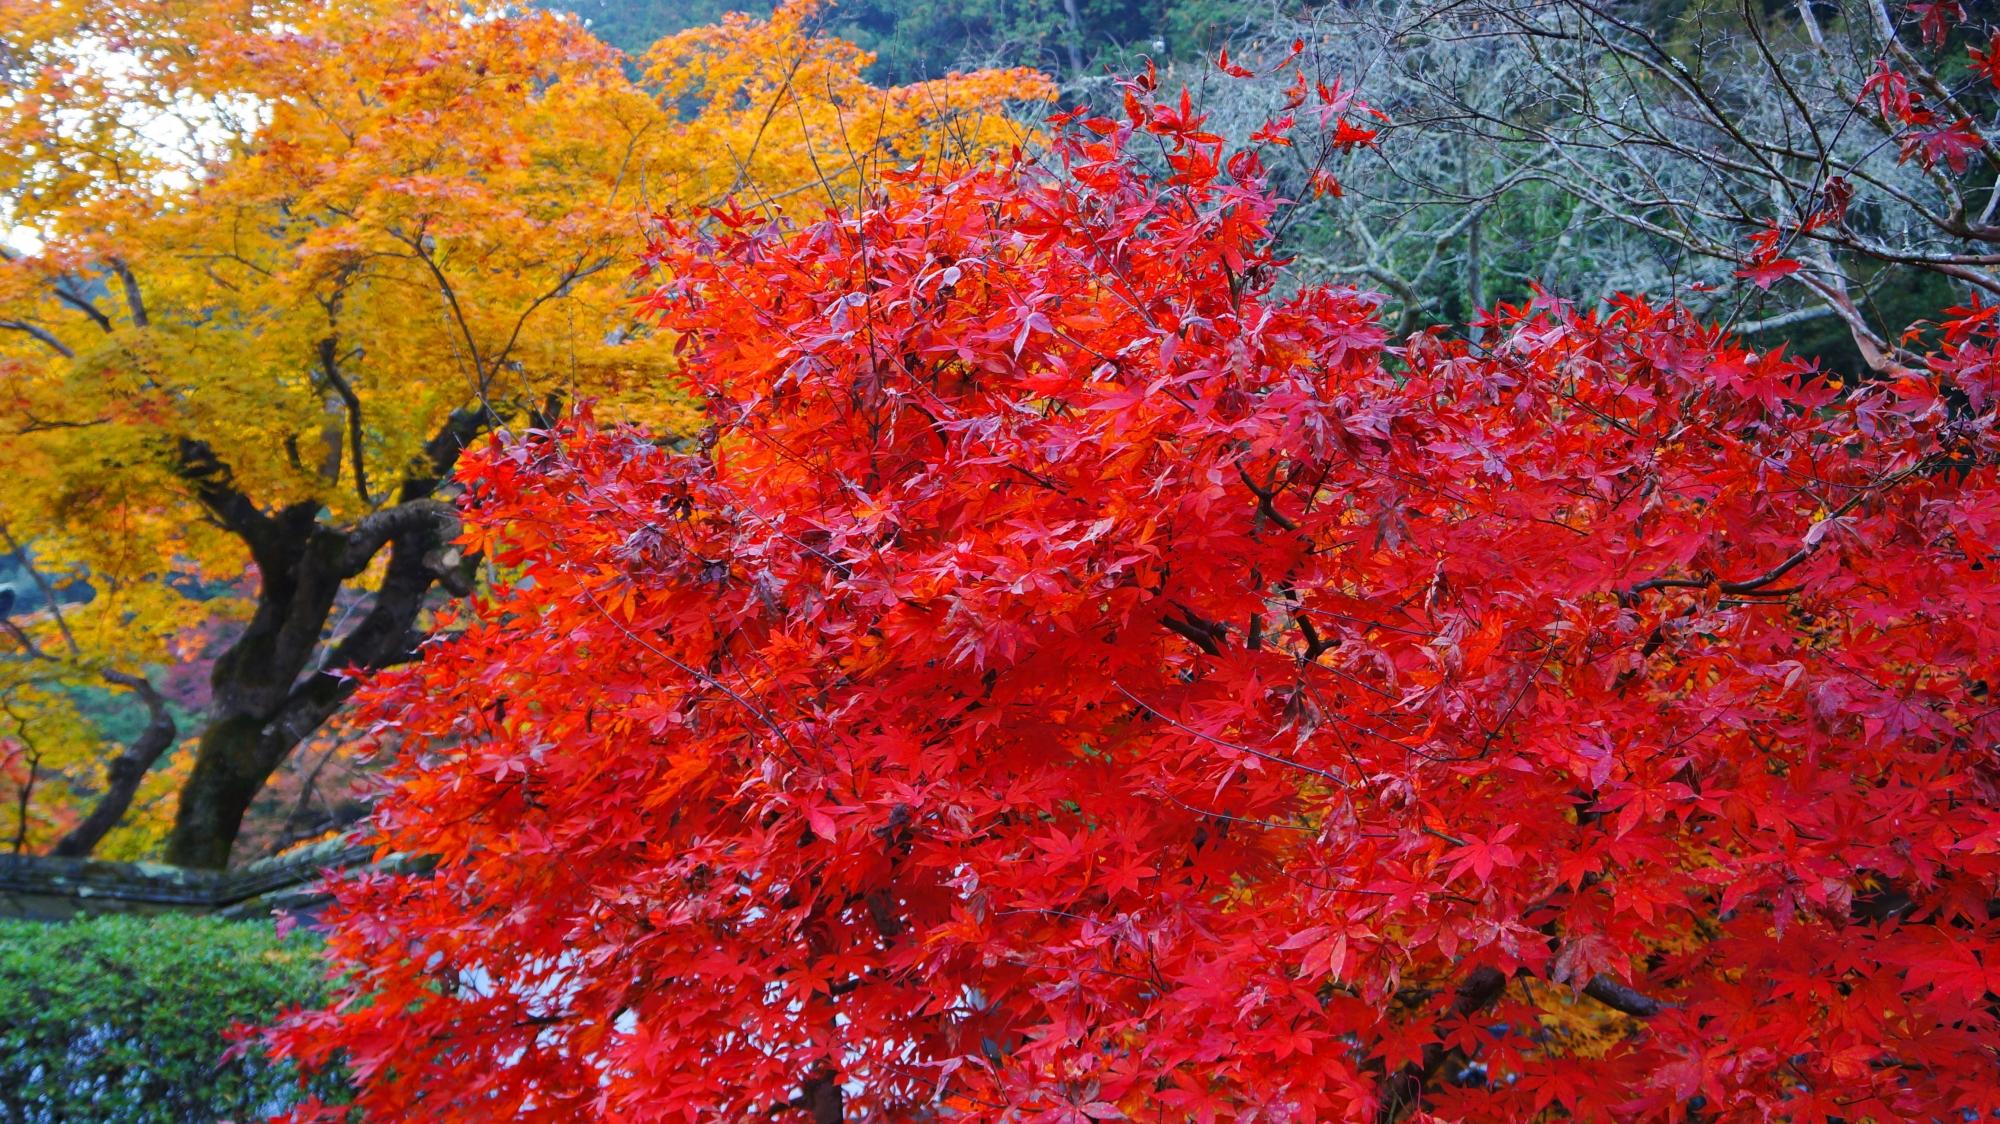 雨で潤った燃えるような真っ赤な紅葉